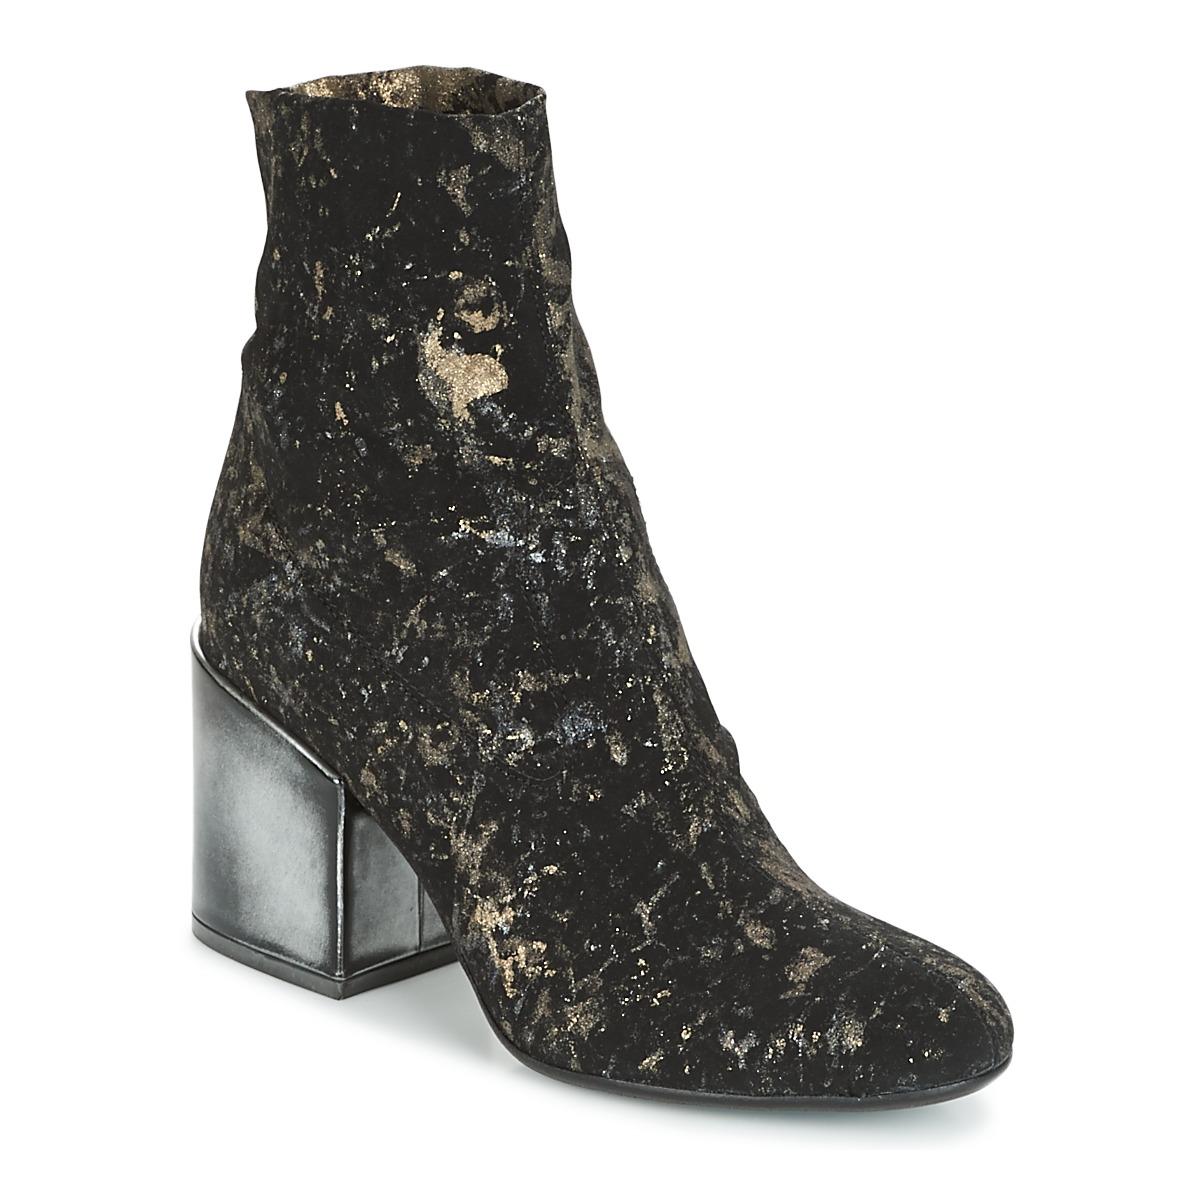 Now LUNA Schwarz - Kostenloser Versand bei Spartoode ! - Schuhe Low Boots Damen 161,40 €